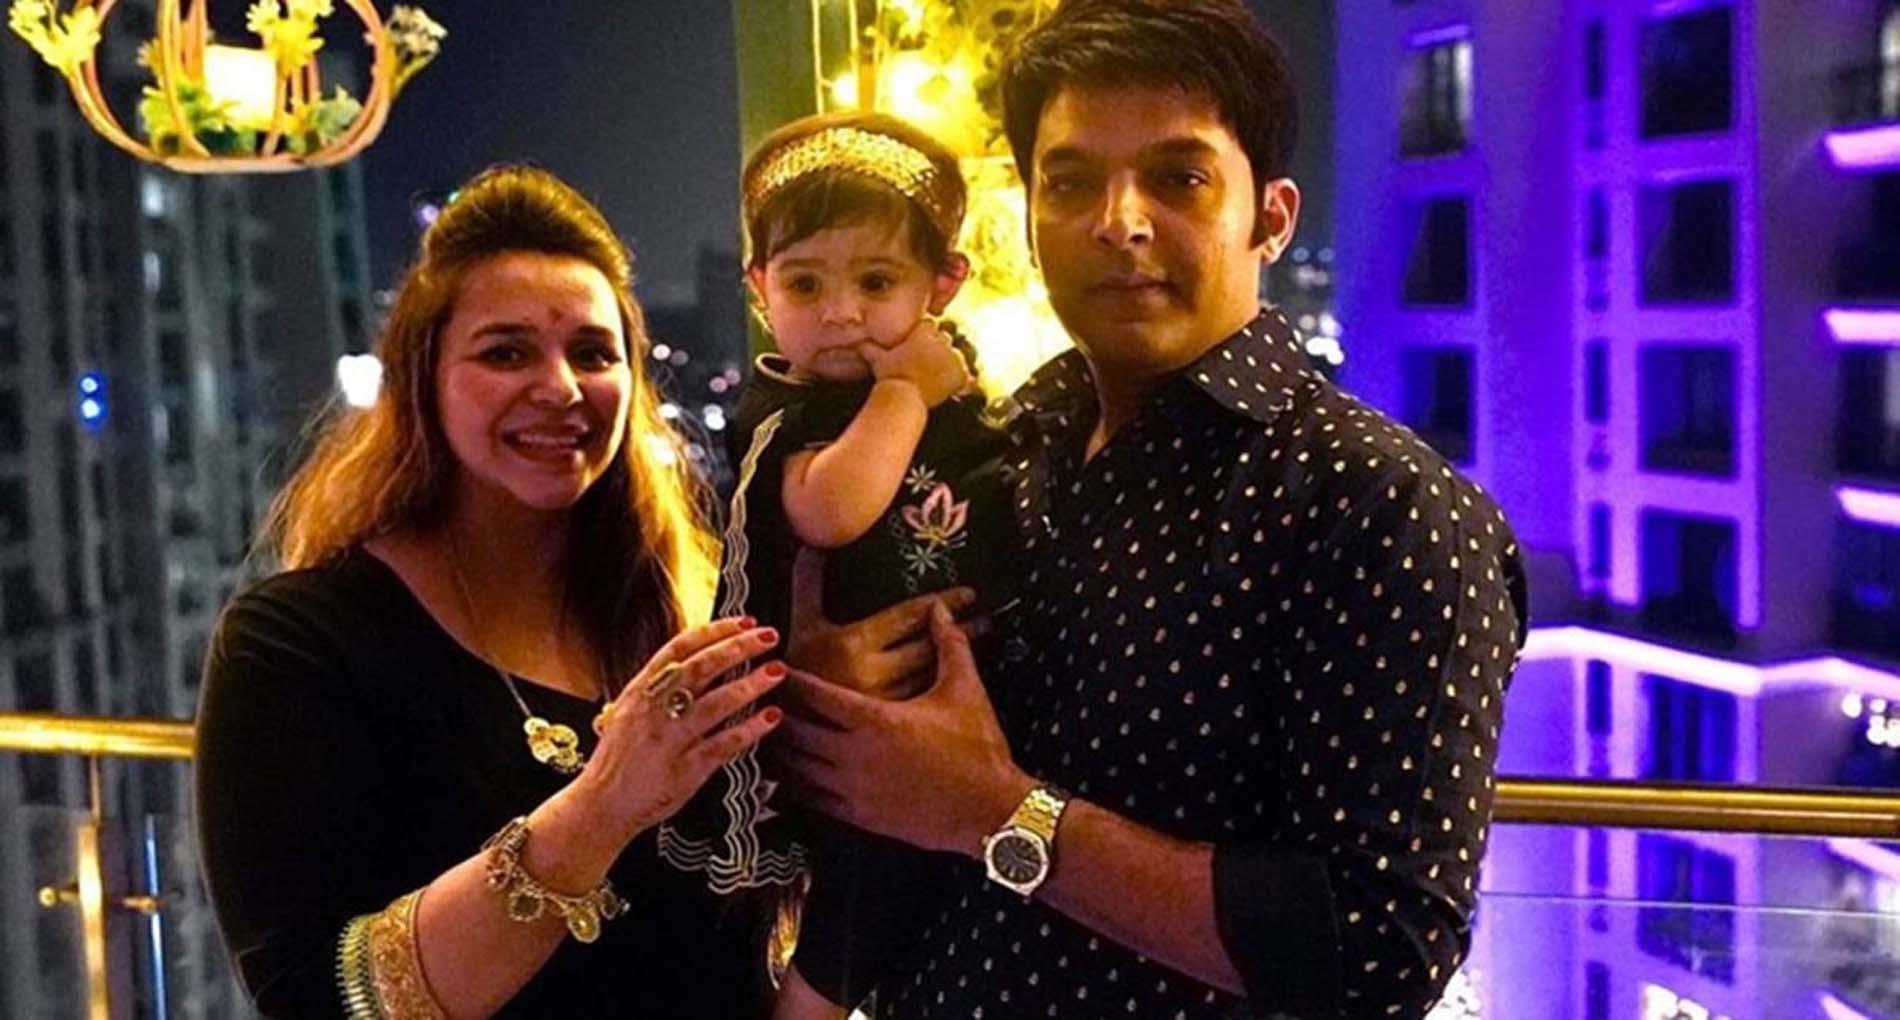 कॉमेडियन कपिल शर्मा ने रखा बेटे का नाम 'Trishaan'! जानें नाम का मतलब